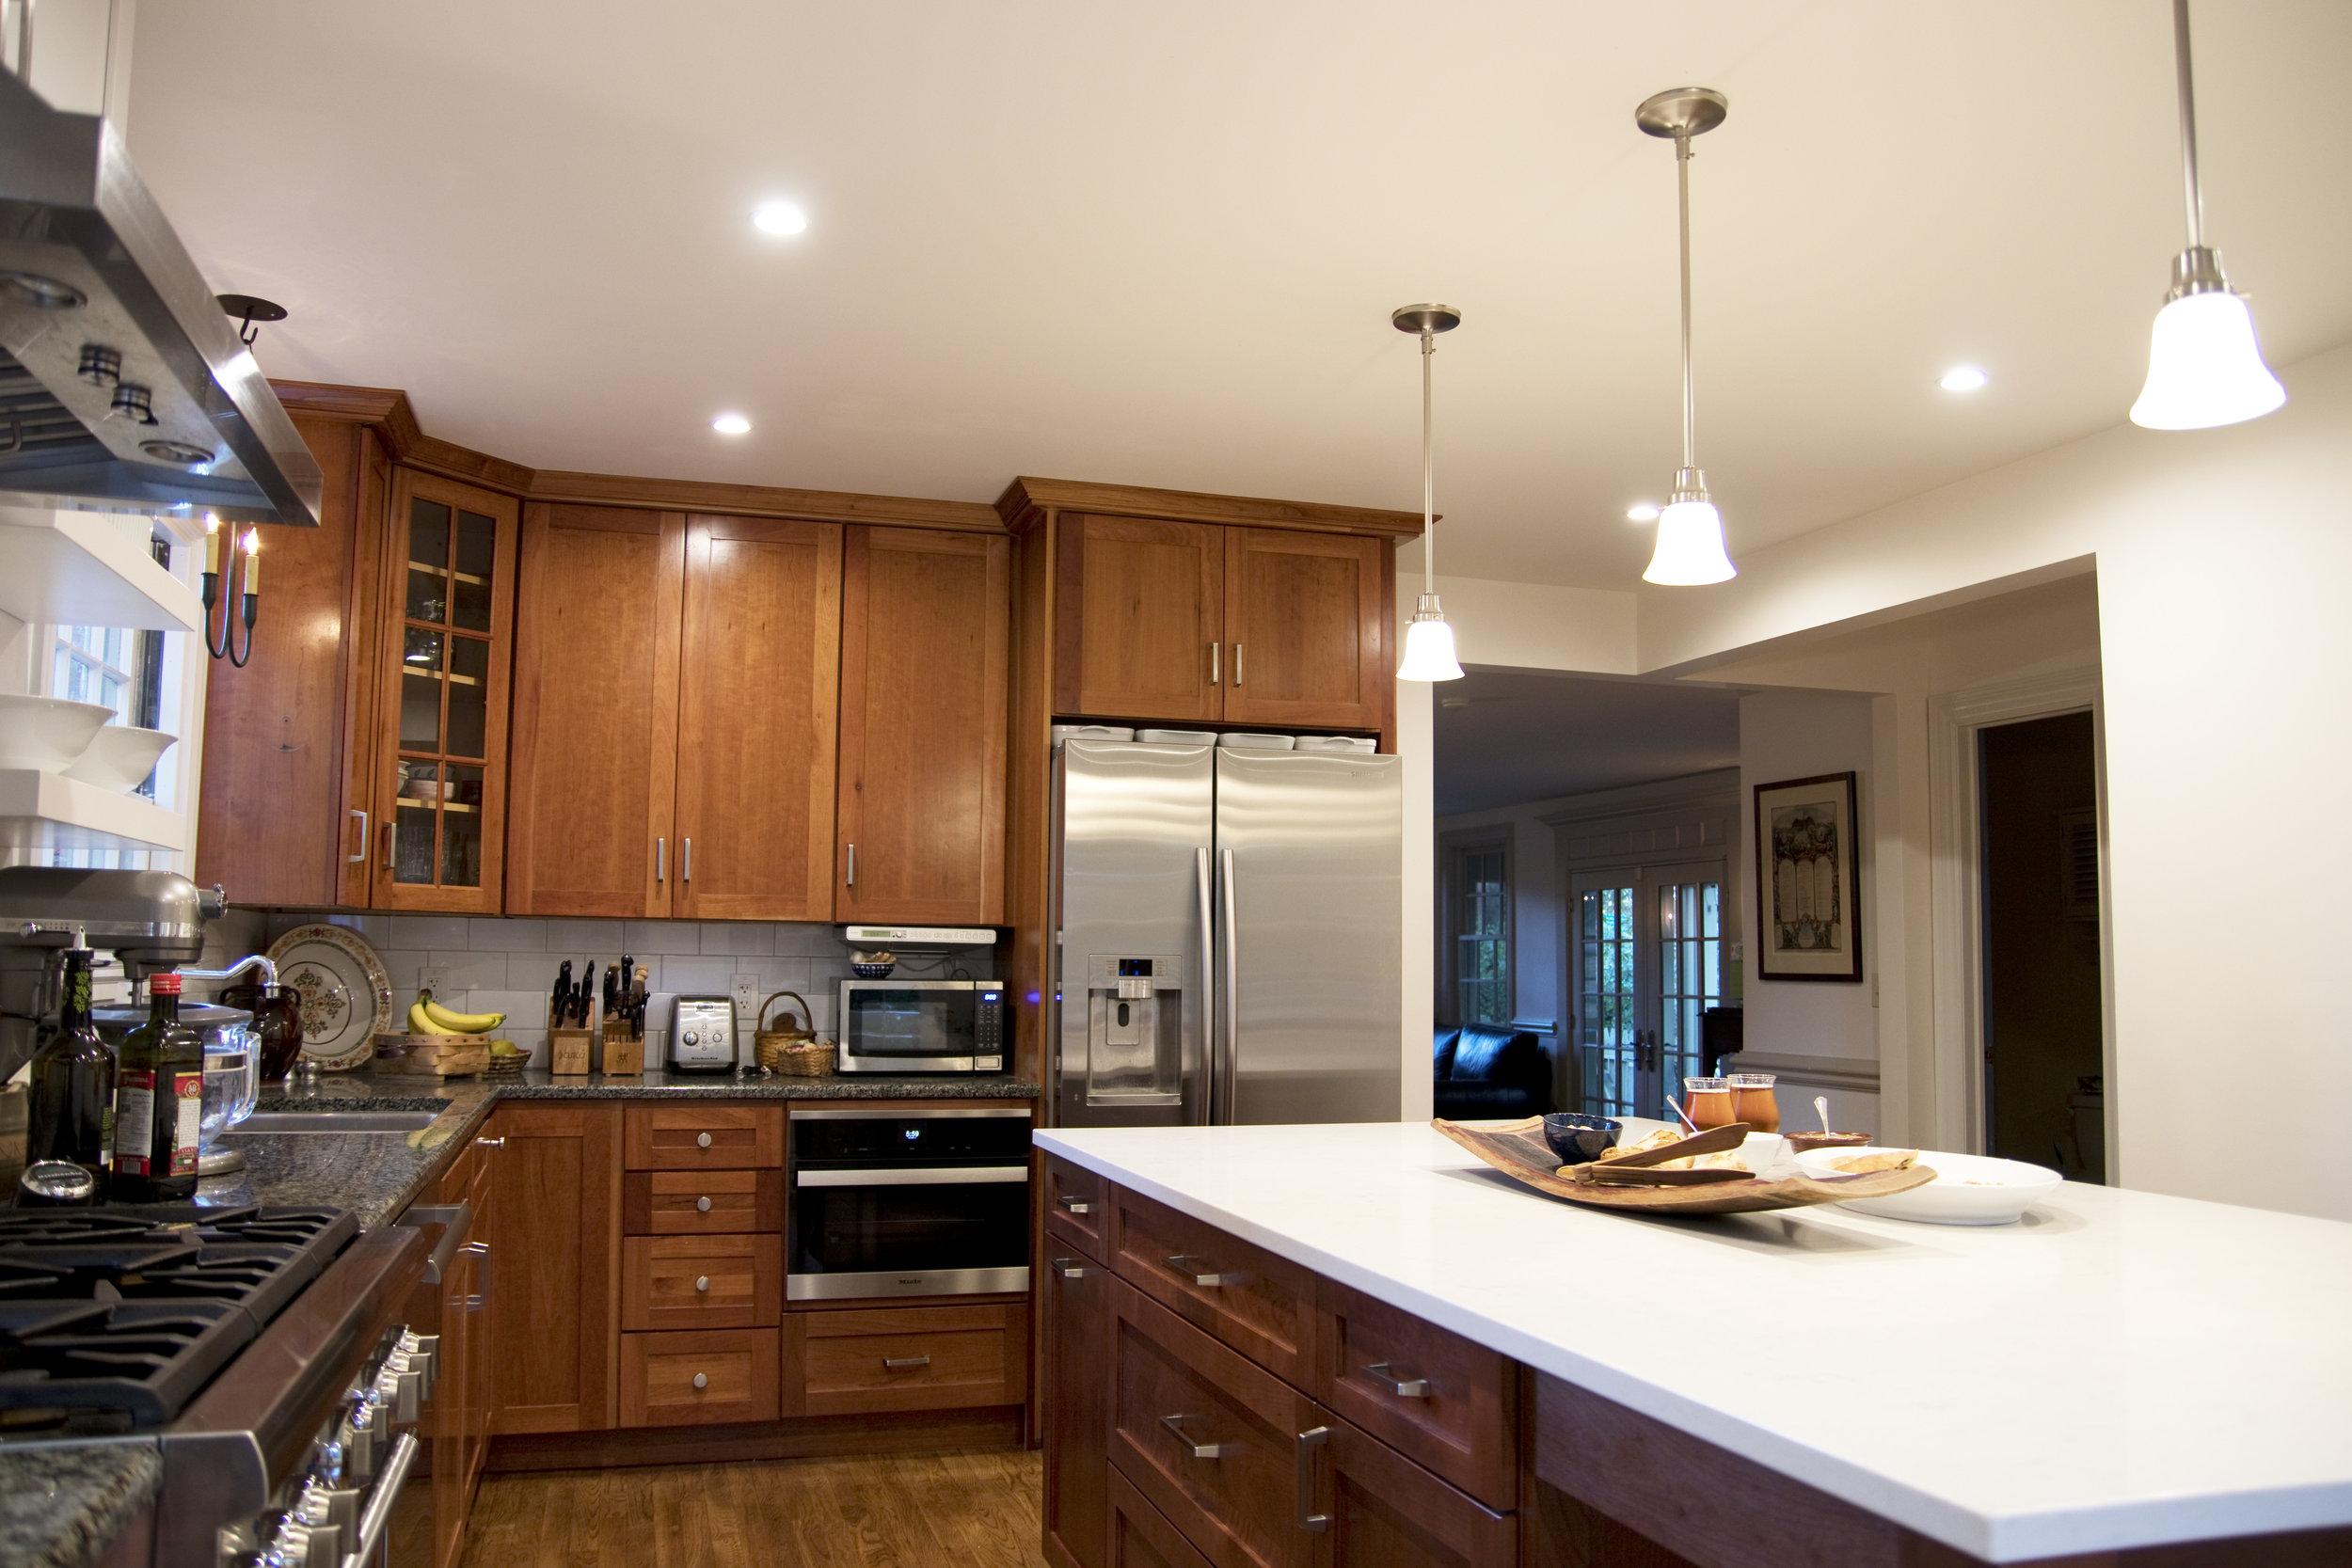 Rowland's kitchen 4648.jpg